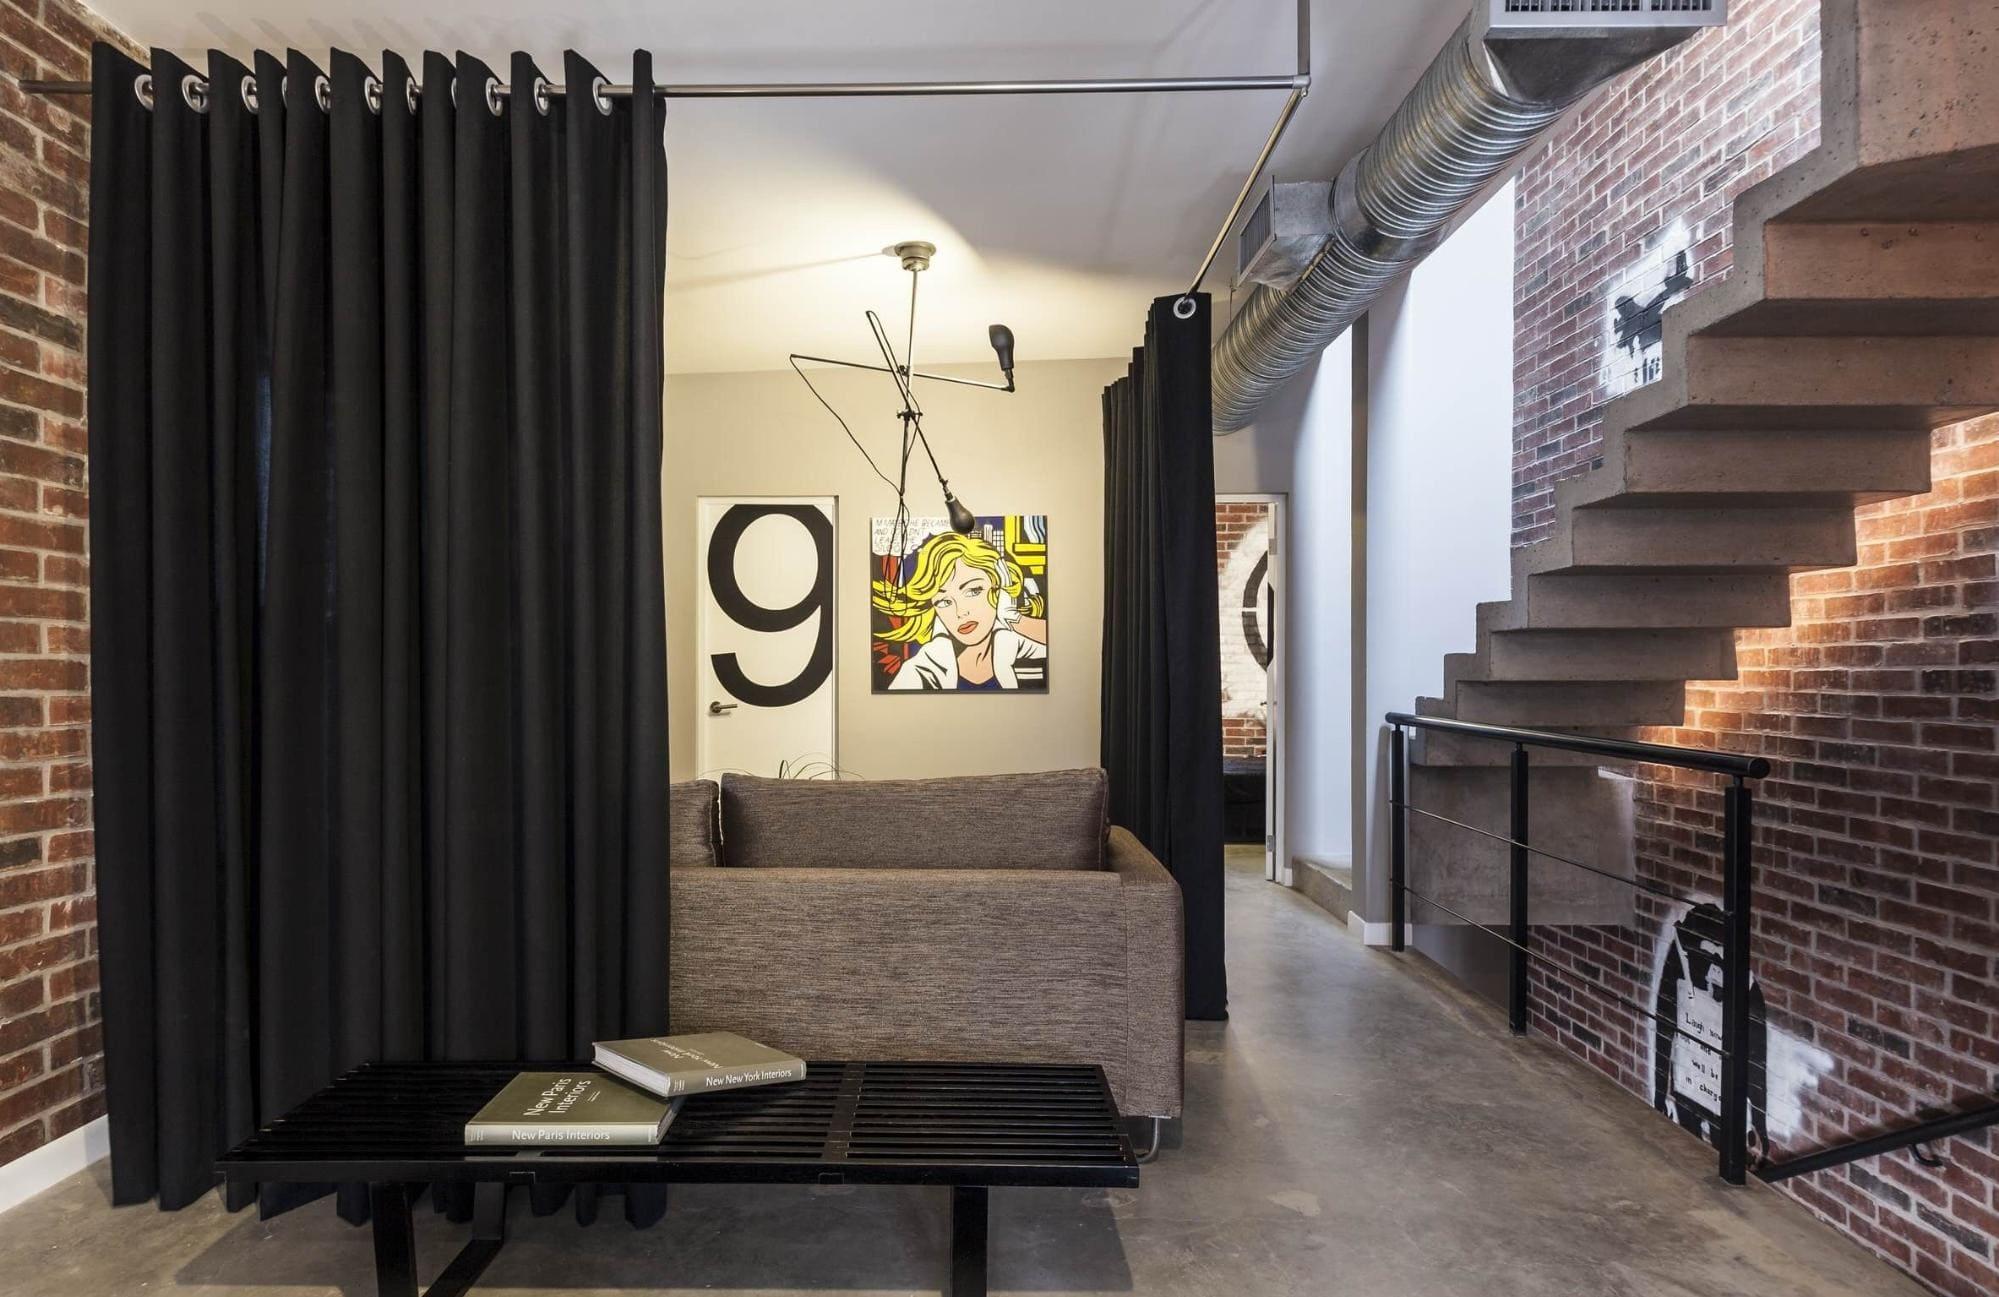 Декоративные перегородки в комнате: виды, материалы, формы, дизайн, оригинальные идеи